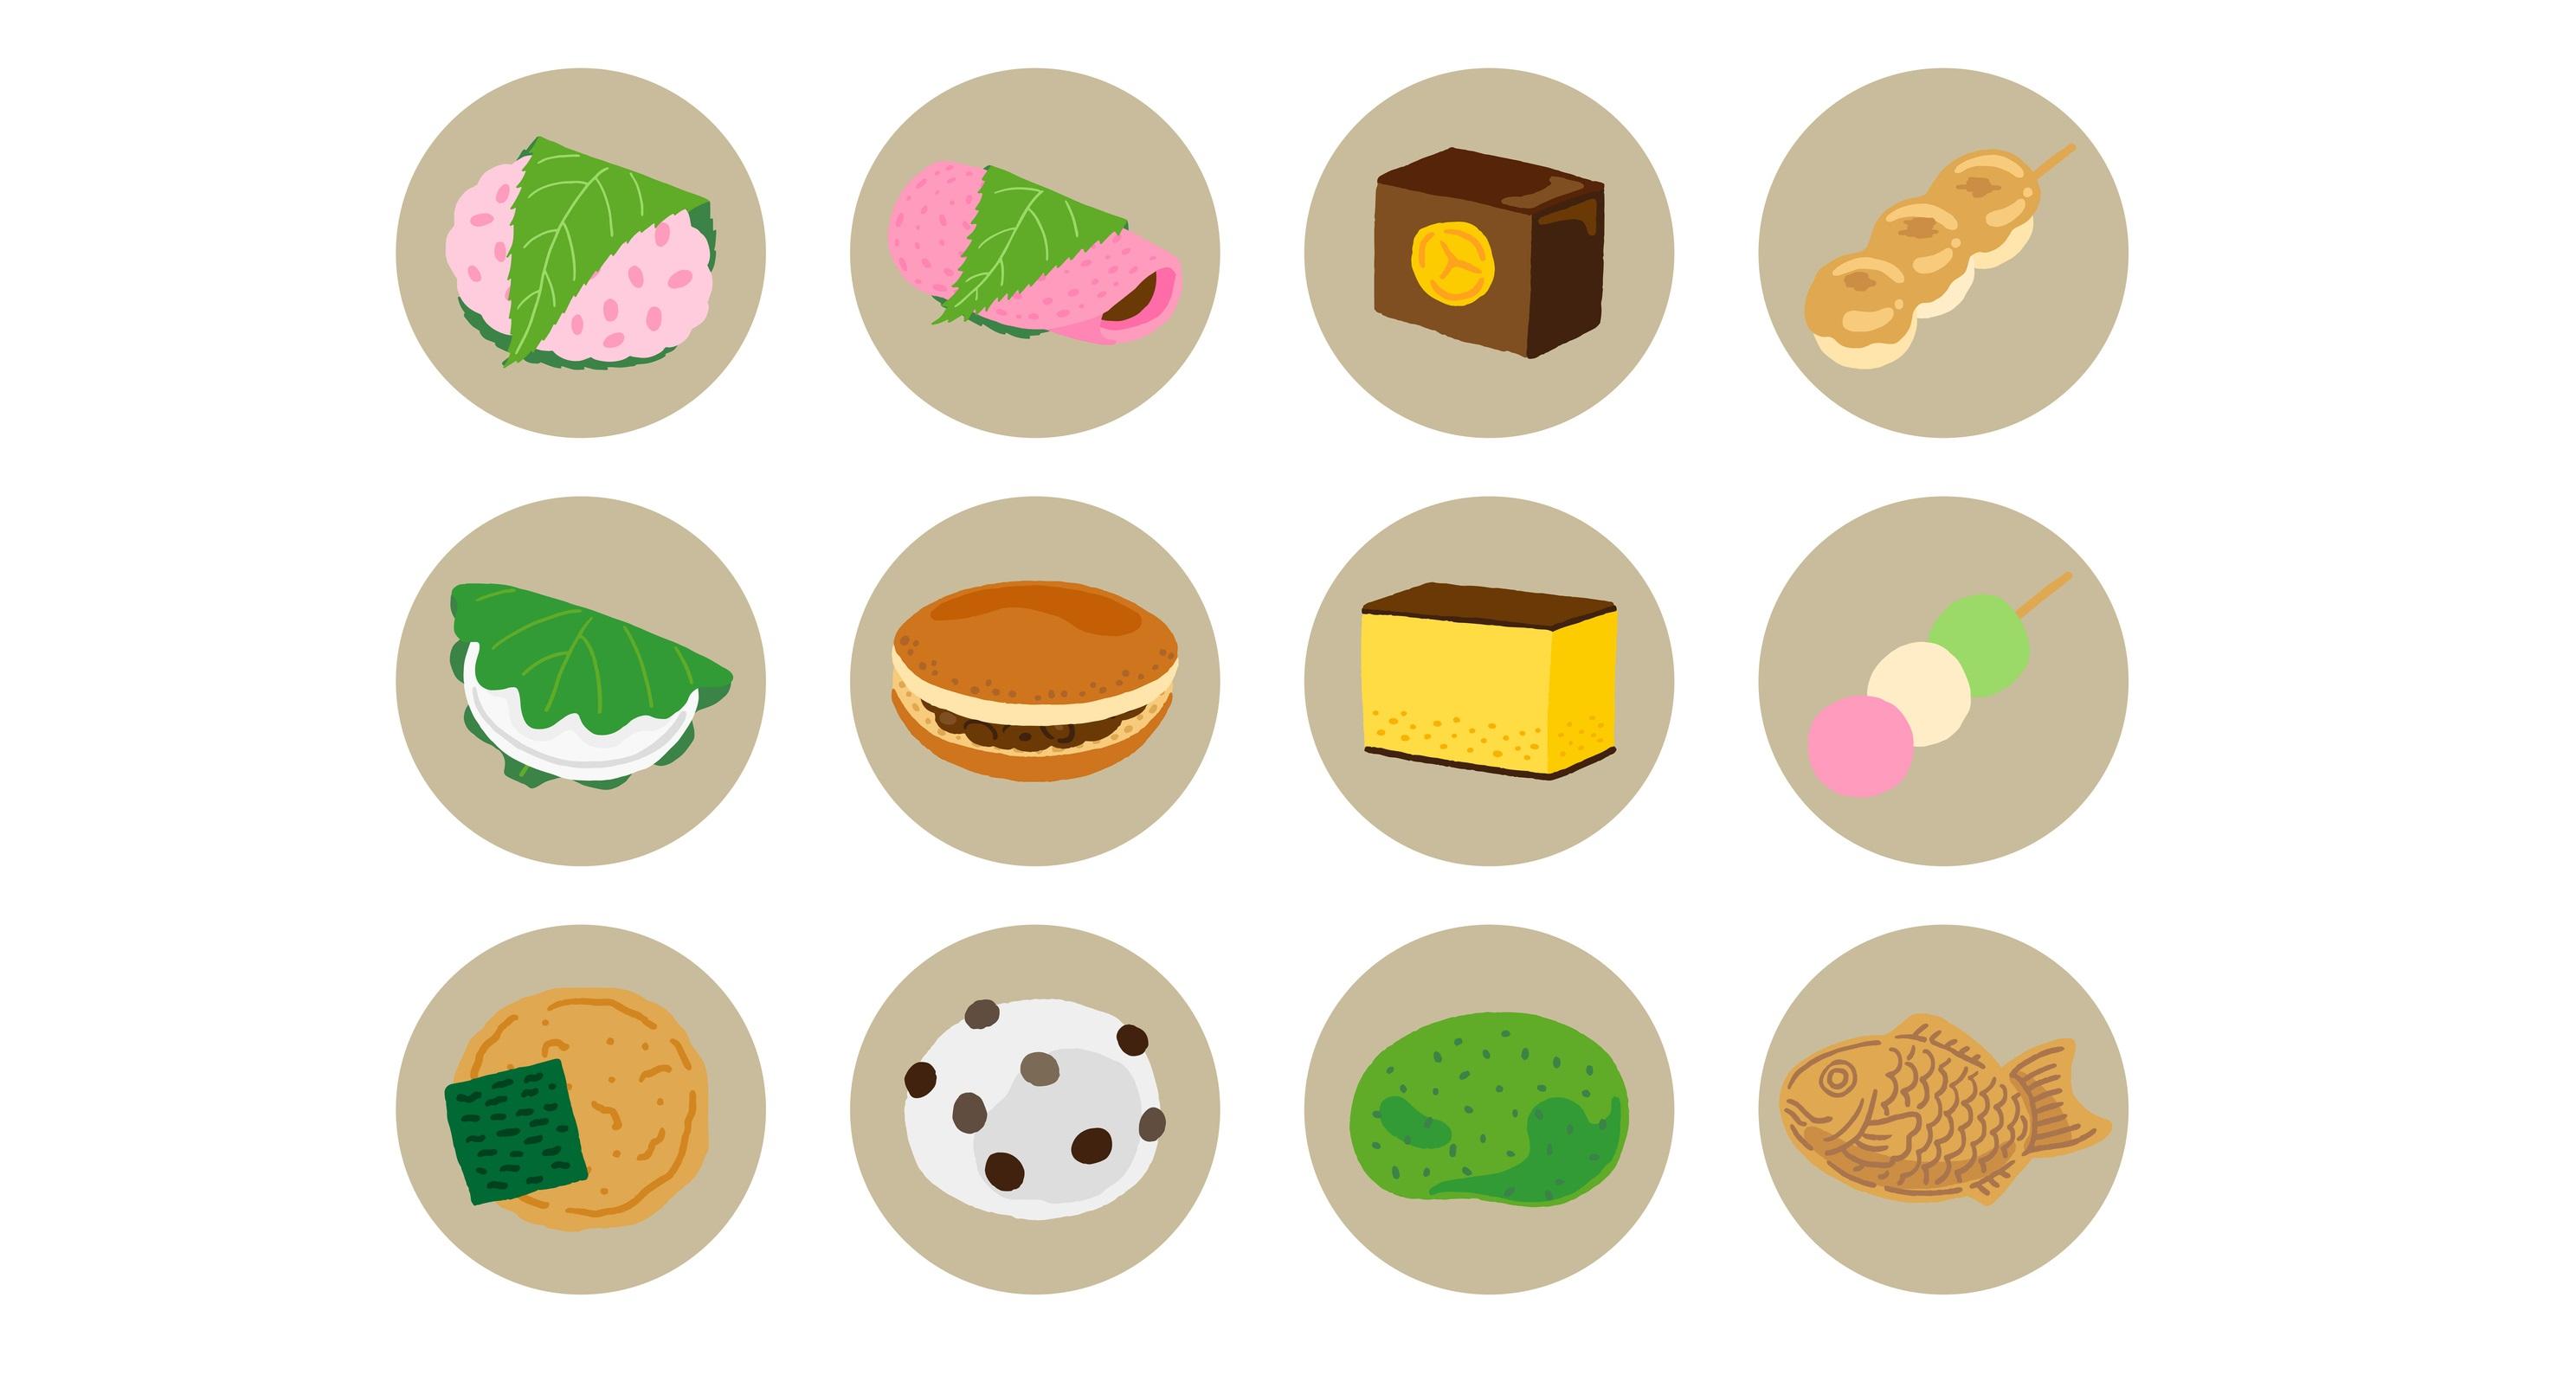 筋トレ民におすすめのコンビニお菓子&甘いおやつは?メガロストレーナーが解説 | 健康×スポーツ『MELOS』